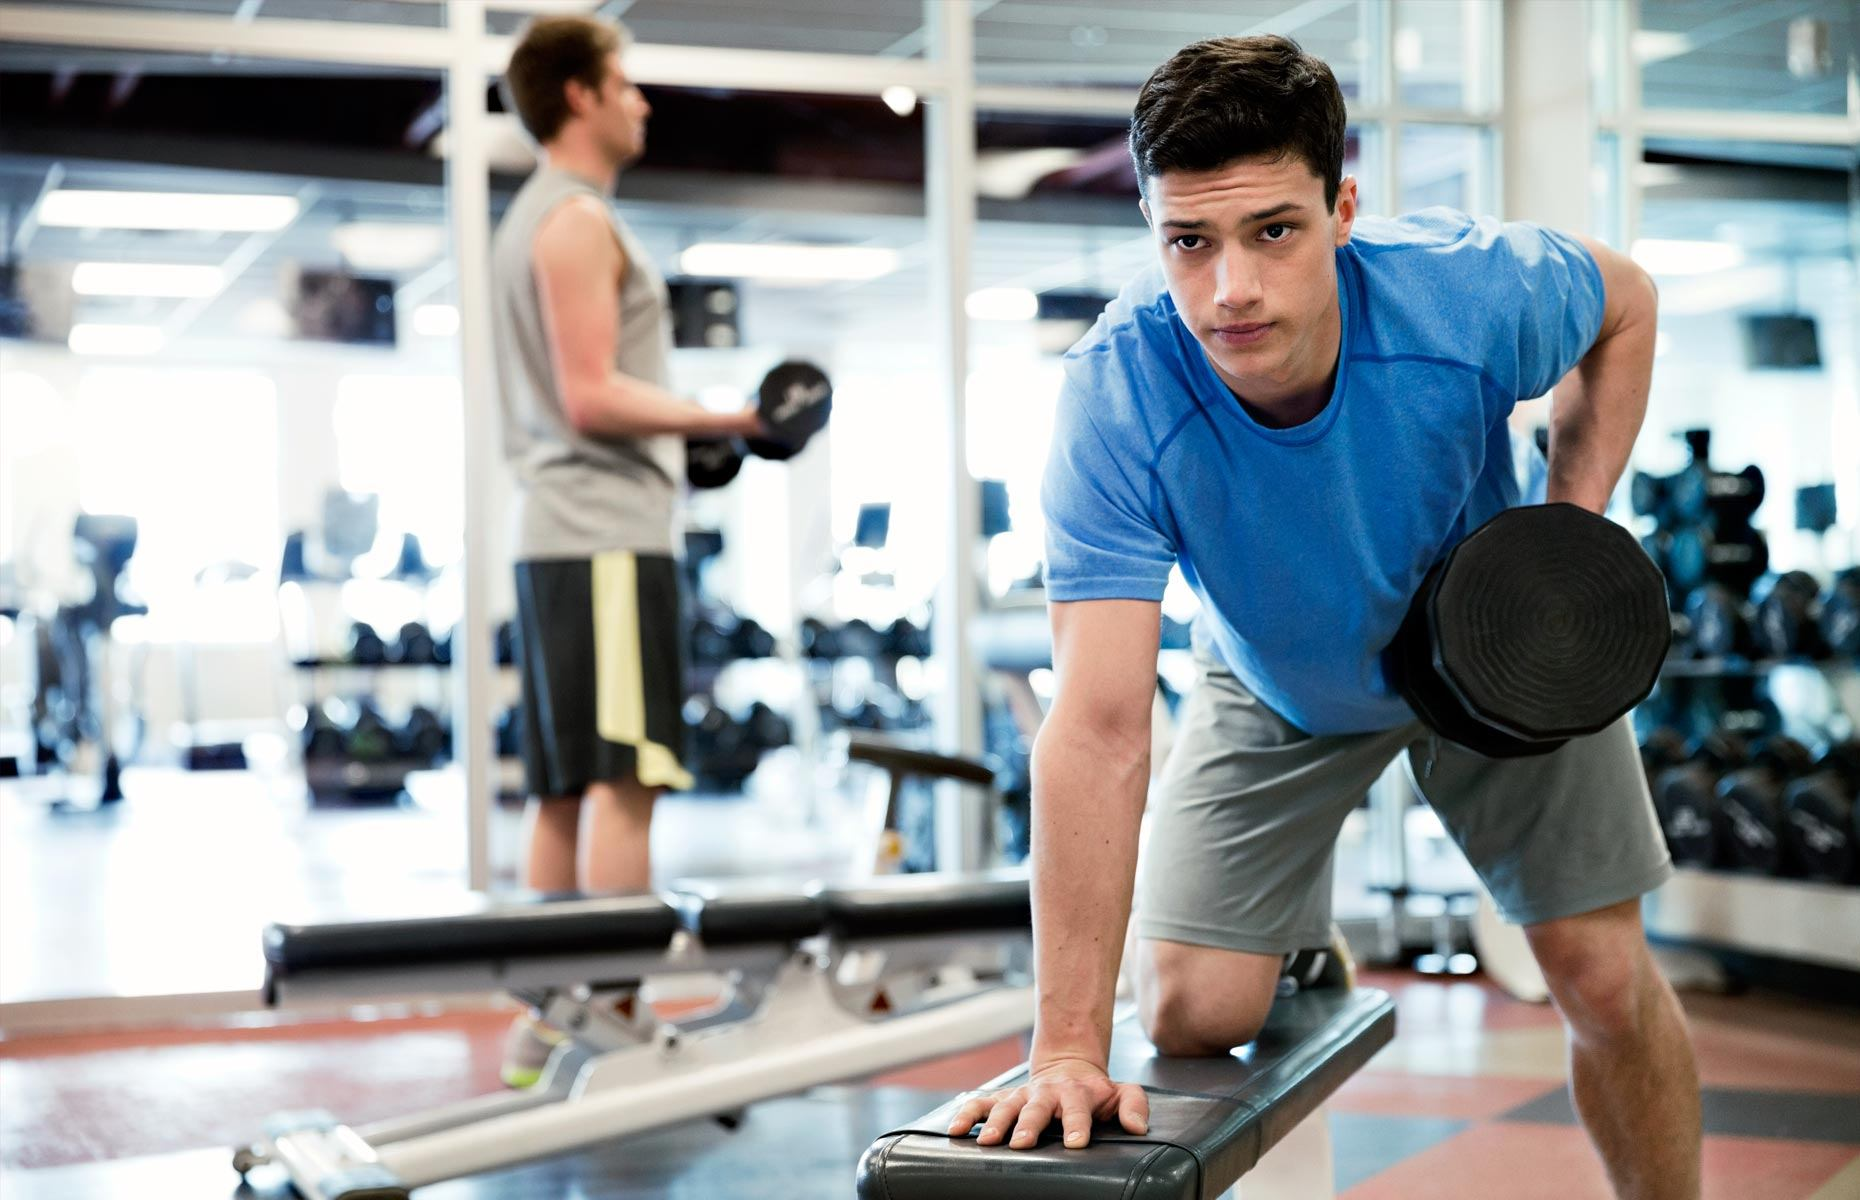 программа тренировок для похудения девушки в спортзале